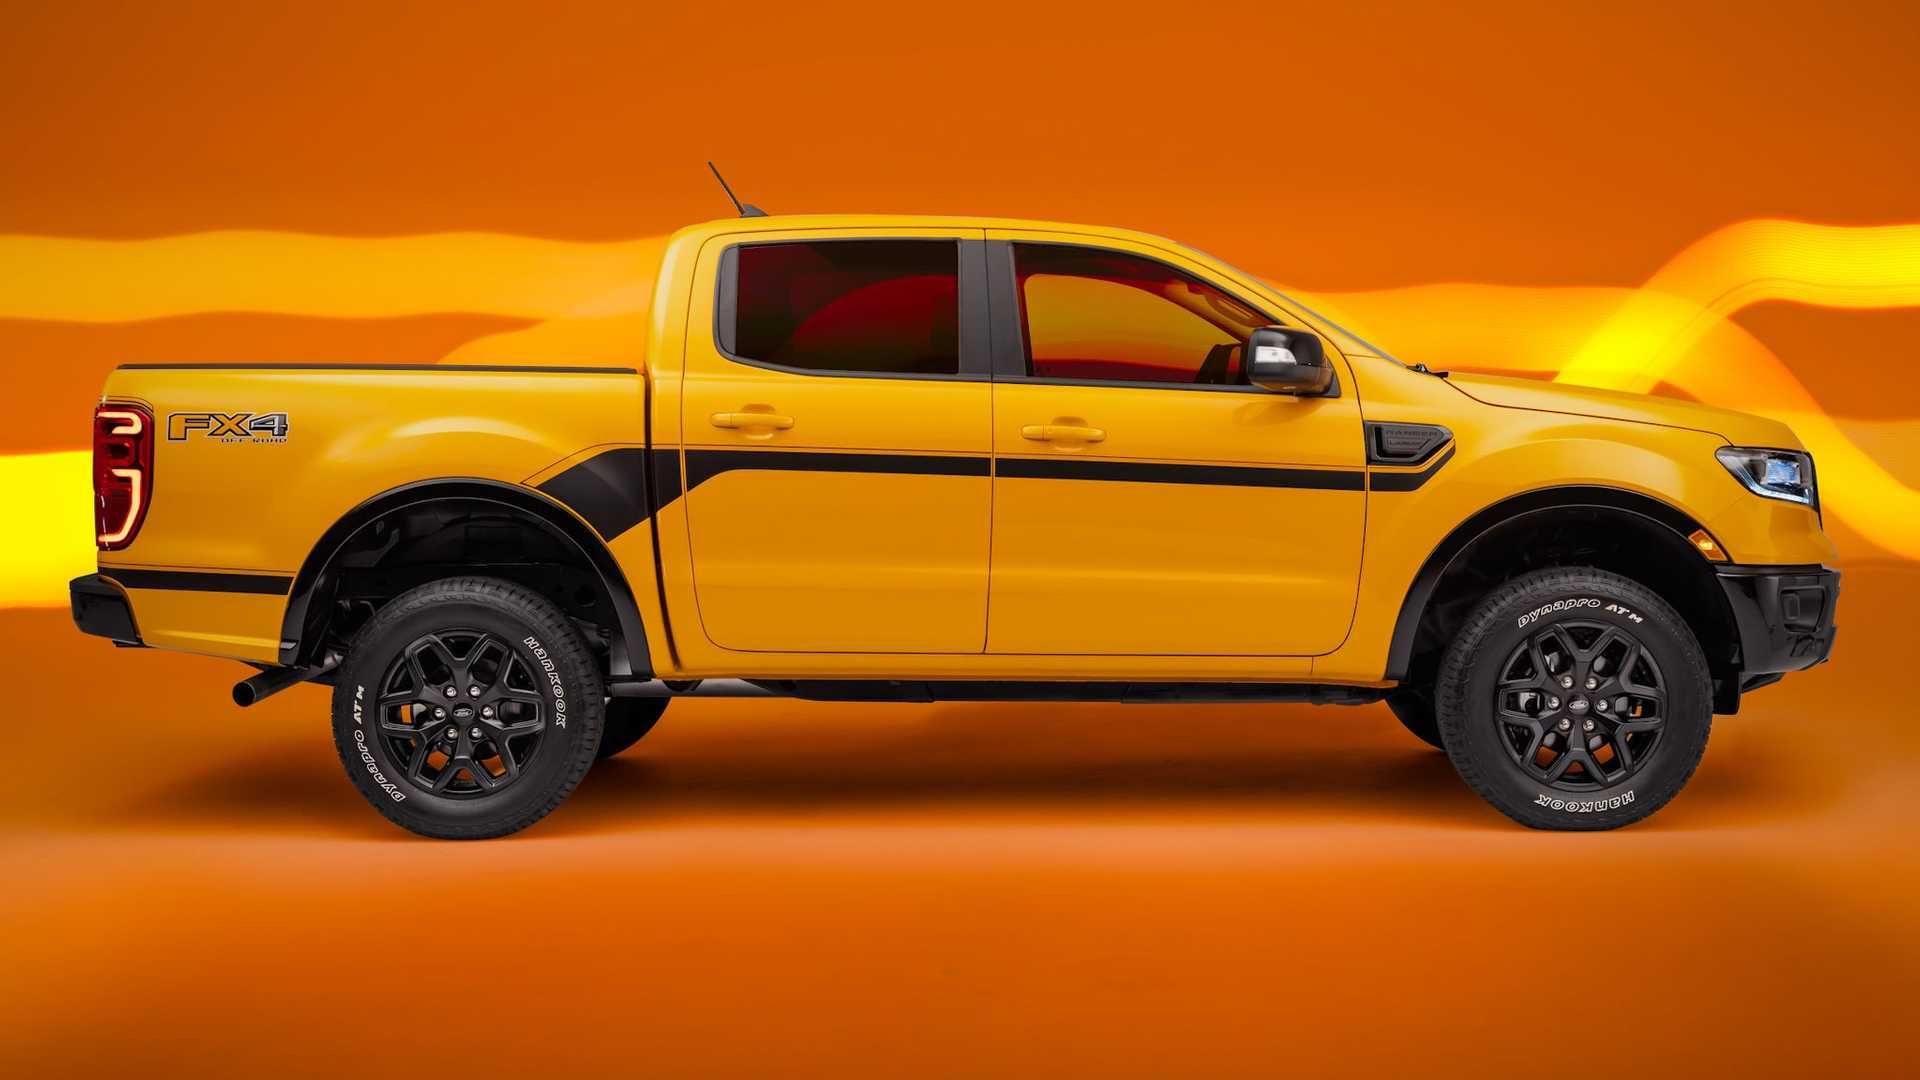 Ford Ranger Splash Edition